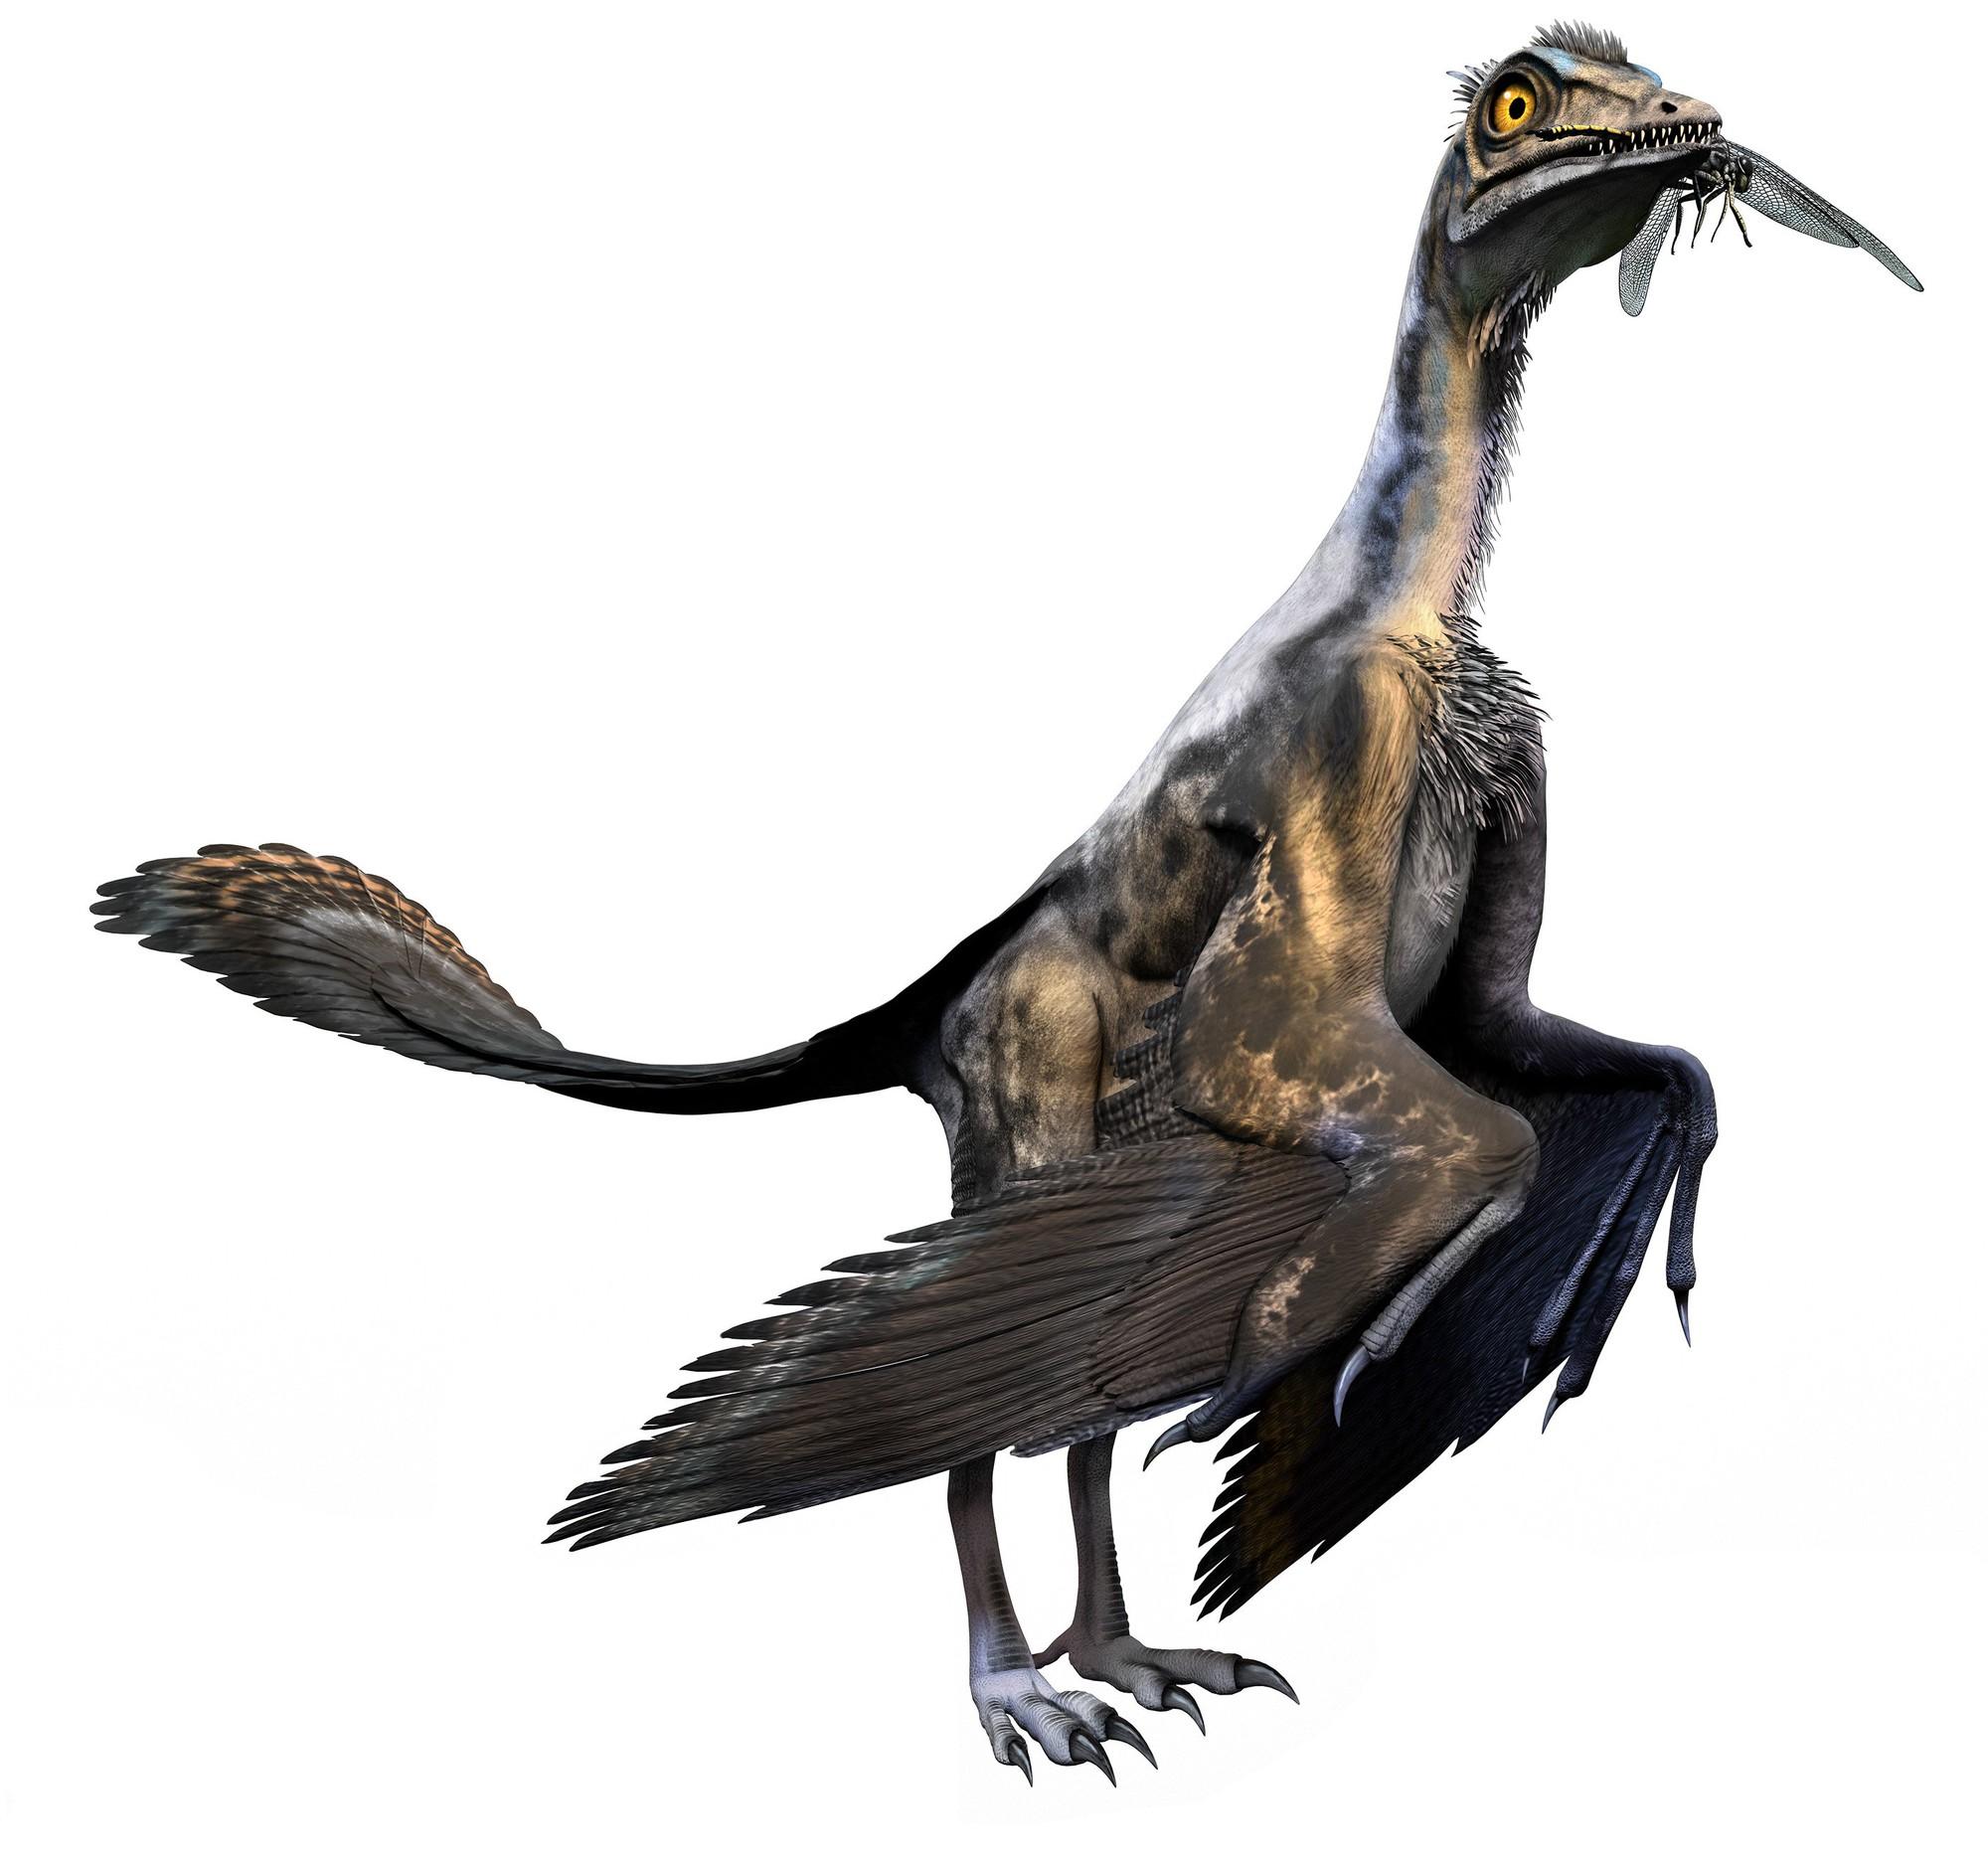 Hỏi thật: Liệu con người có thể hồi sinh khủng long như trong Jurassic World không? - Ảnh 6.